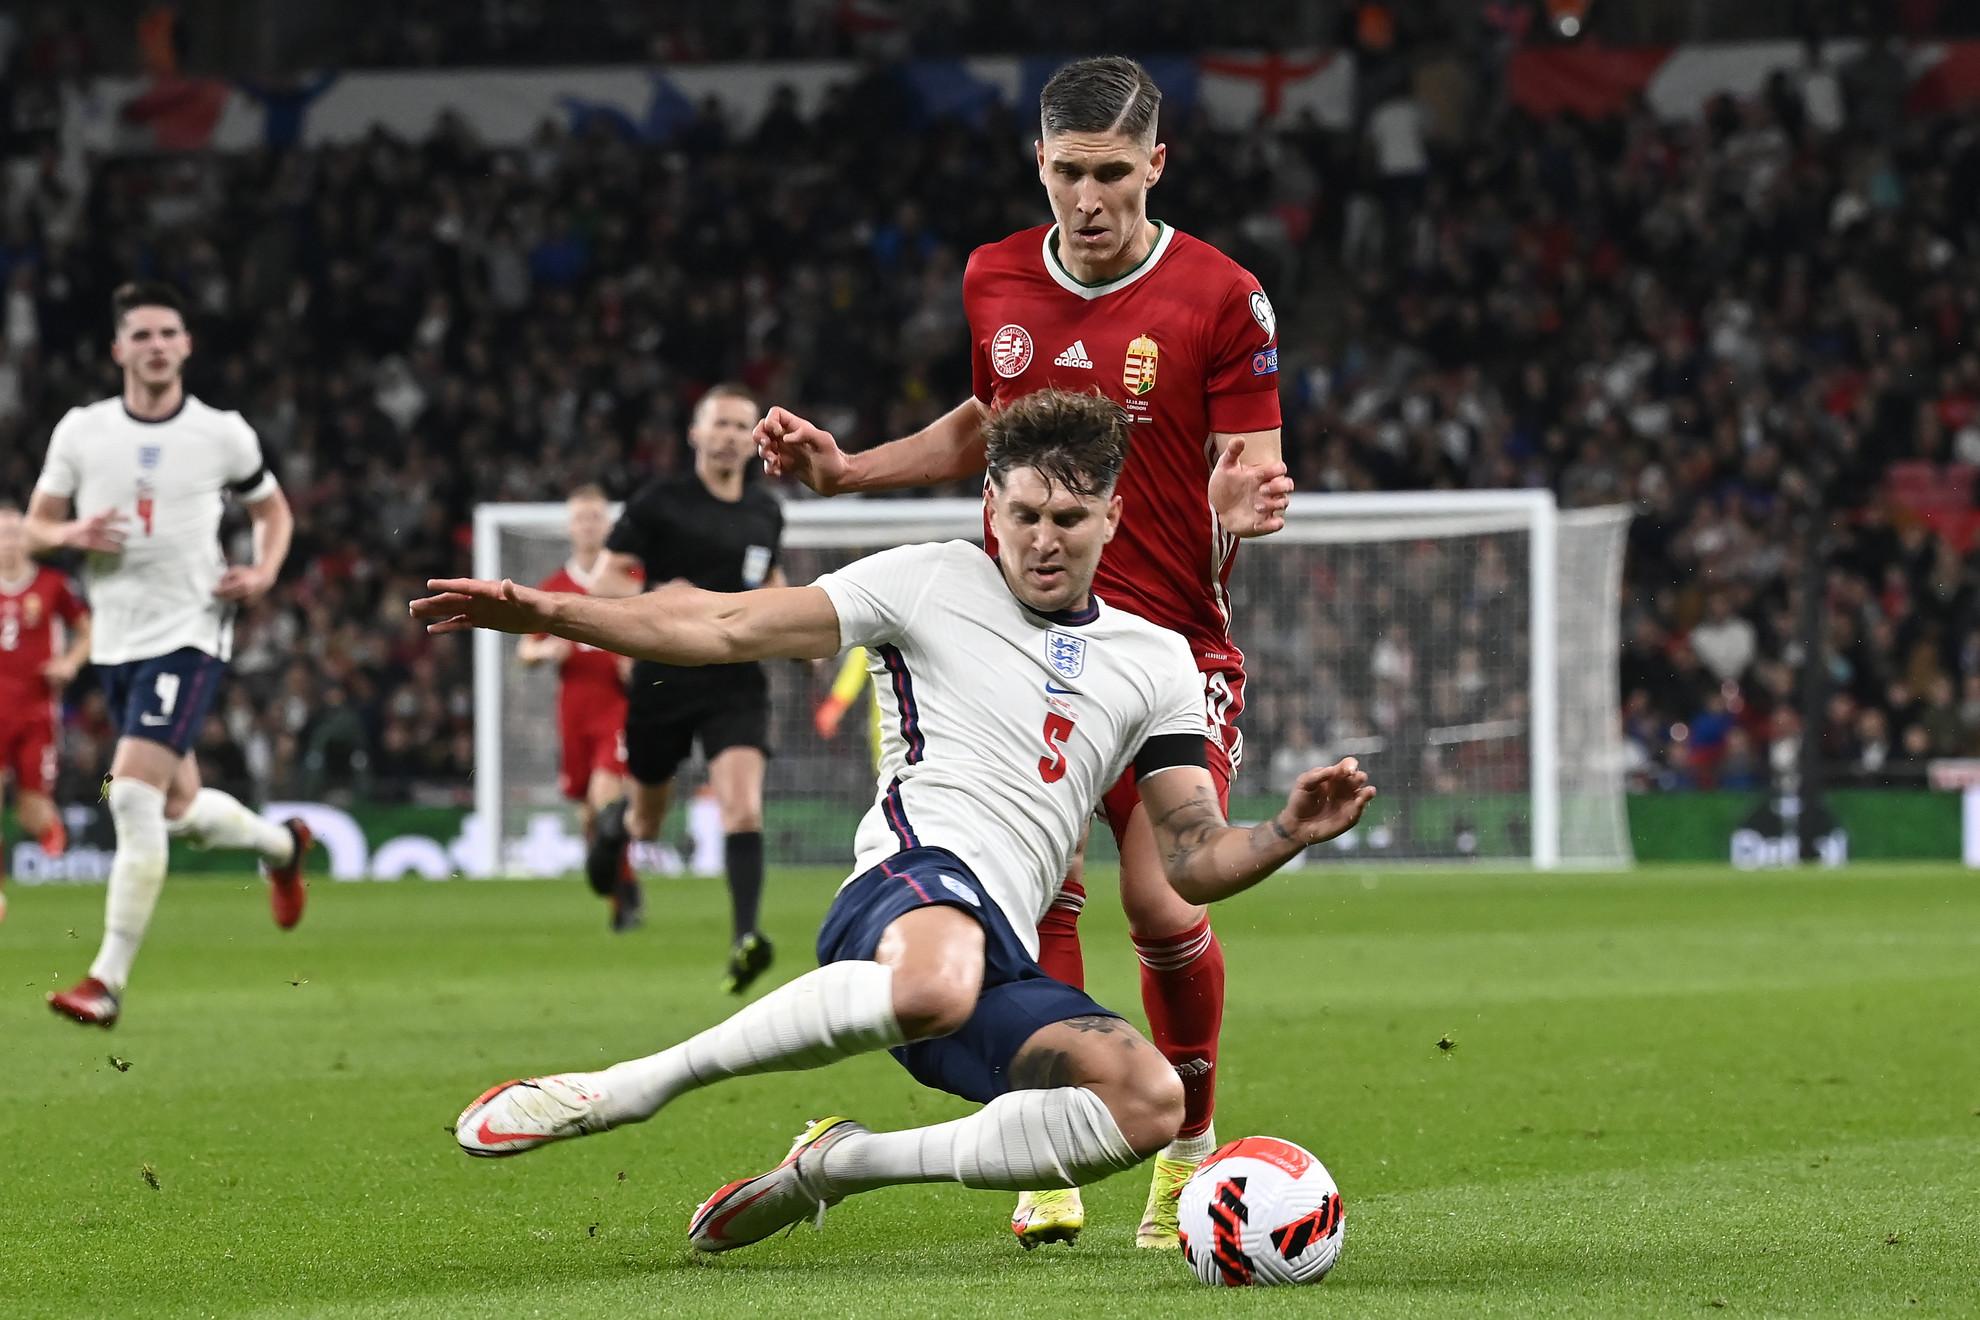 Sallai Roland (hátul) és az angol John Stones a labdarúgó világbajnoki selejtezők 8. fordulójában játszott Anglia - Magyarország mérkőzésen a londoni Wembley Stadionban 2021. október 12-én